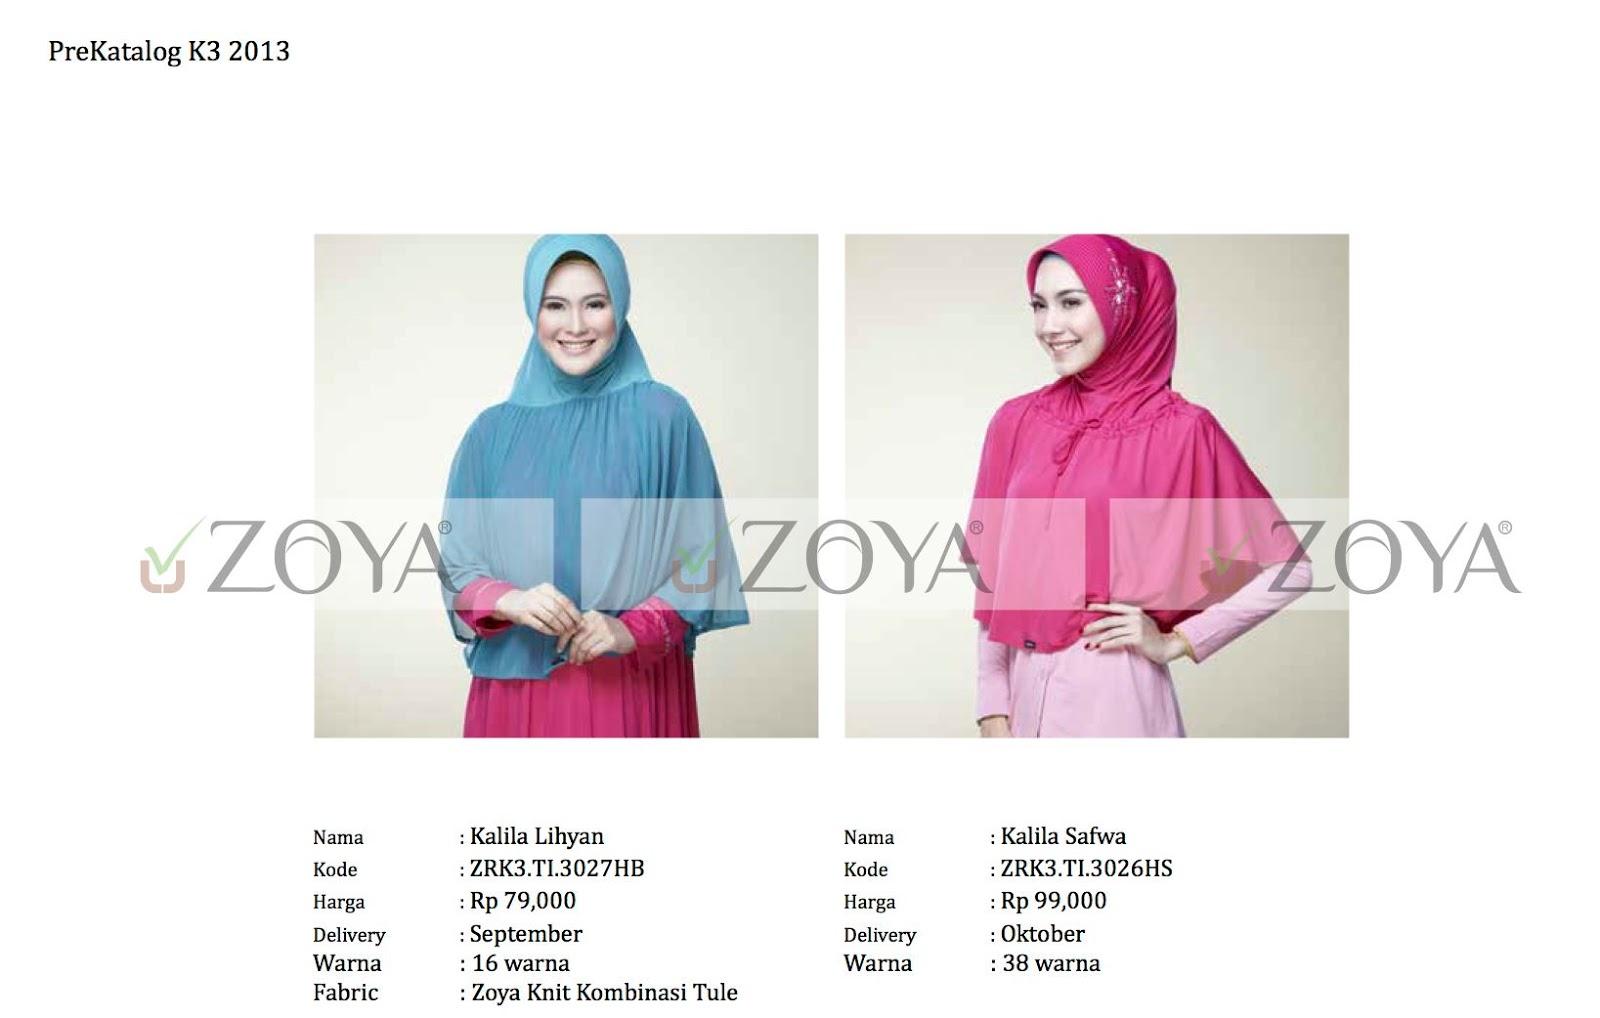 Katalog Harga Jilbab Zoya Terbaru Periode September Nopember 2013